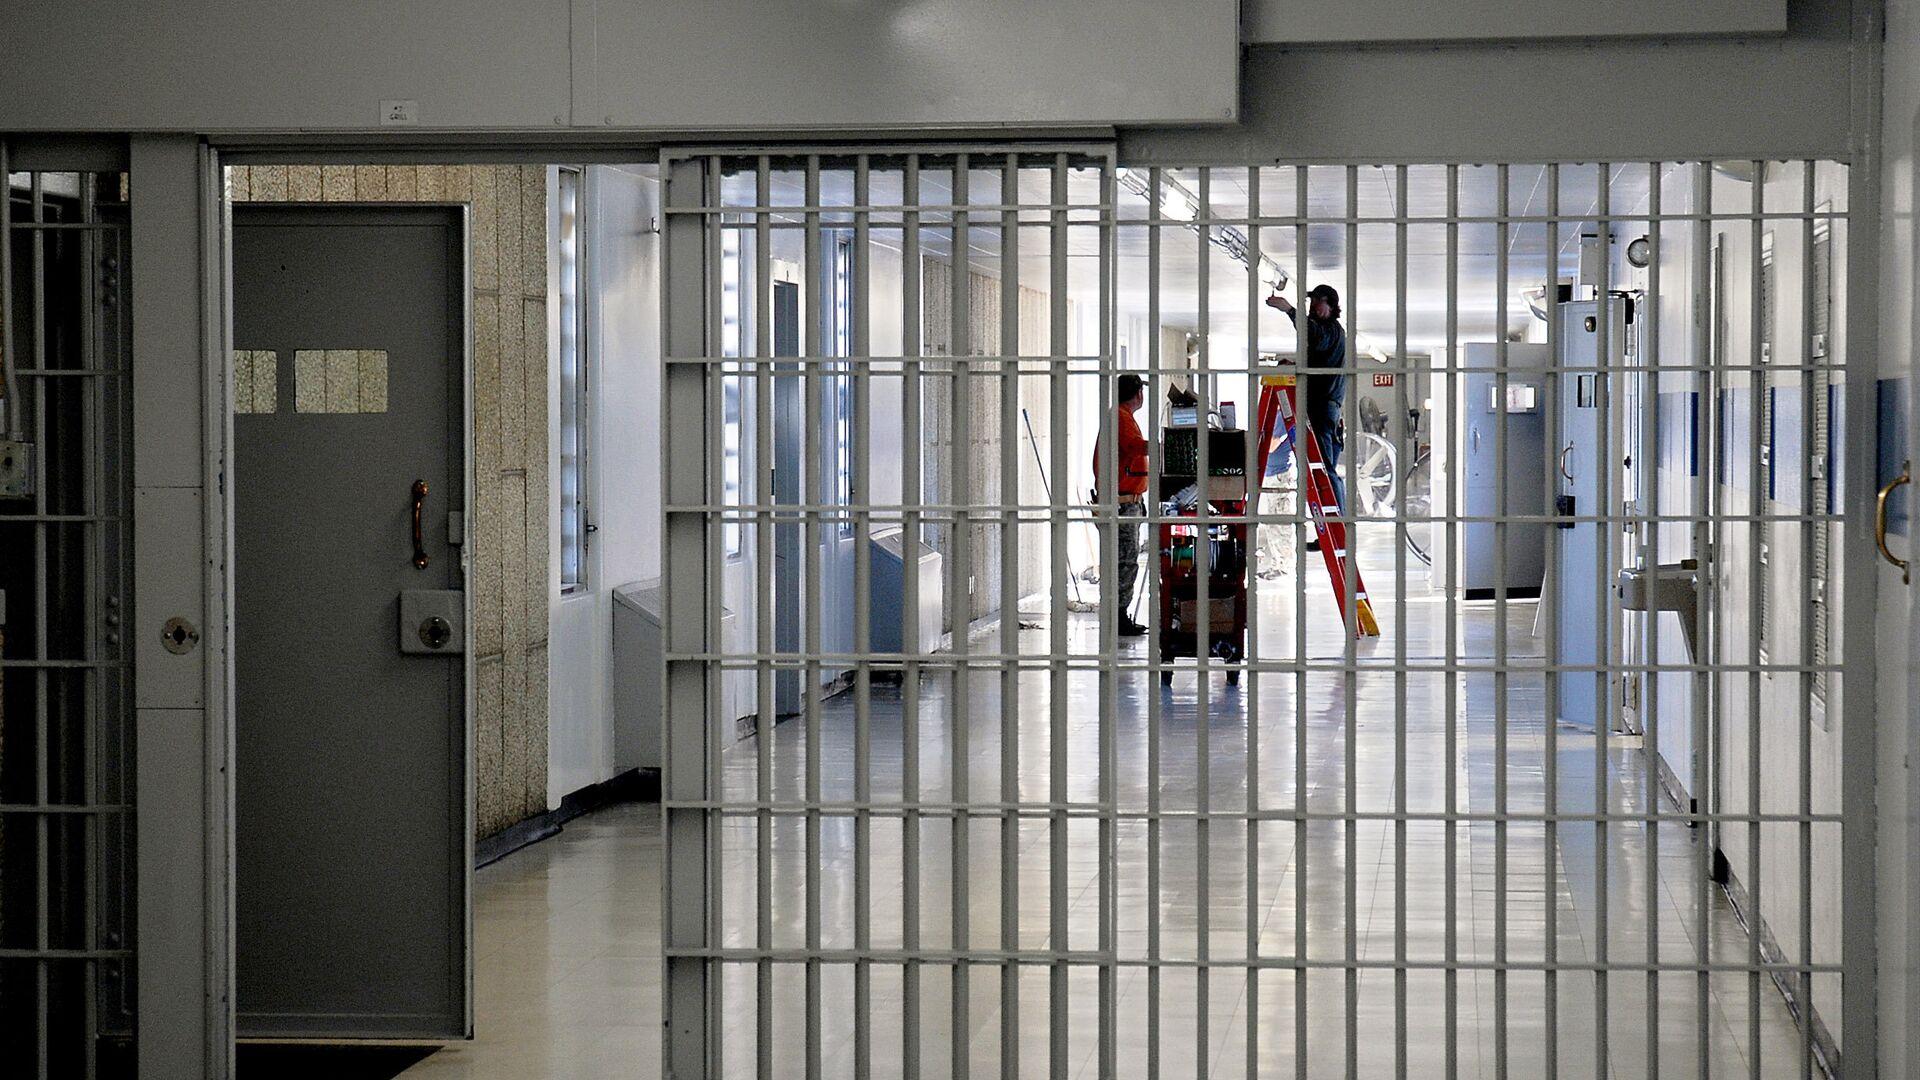 Тюрьма в США. Архивное фото - РИА Новости, 1920, 20.07.2021